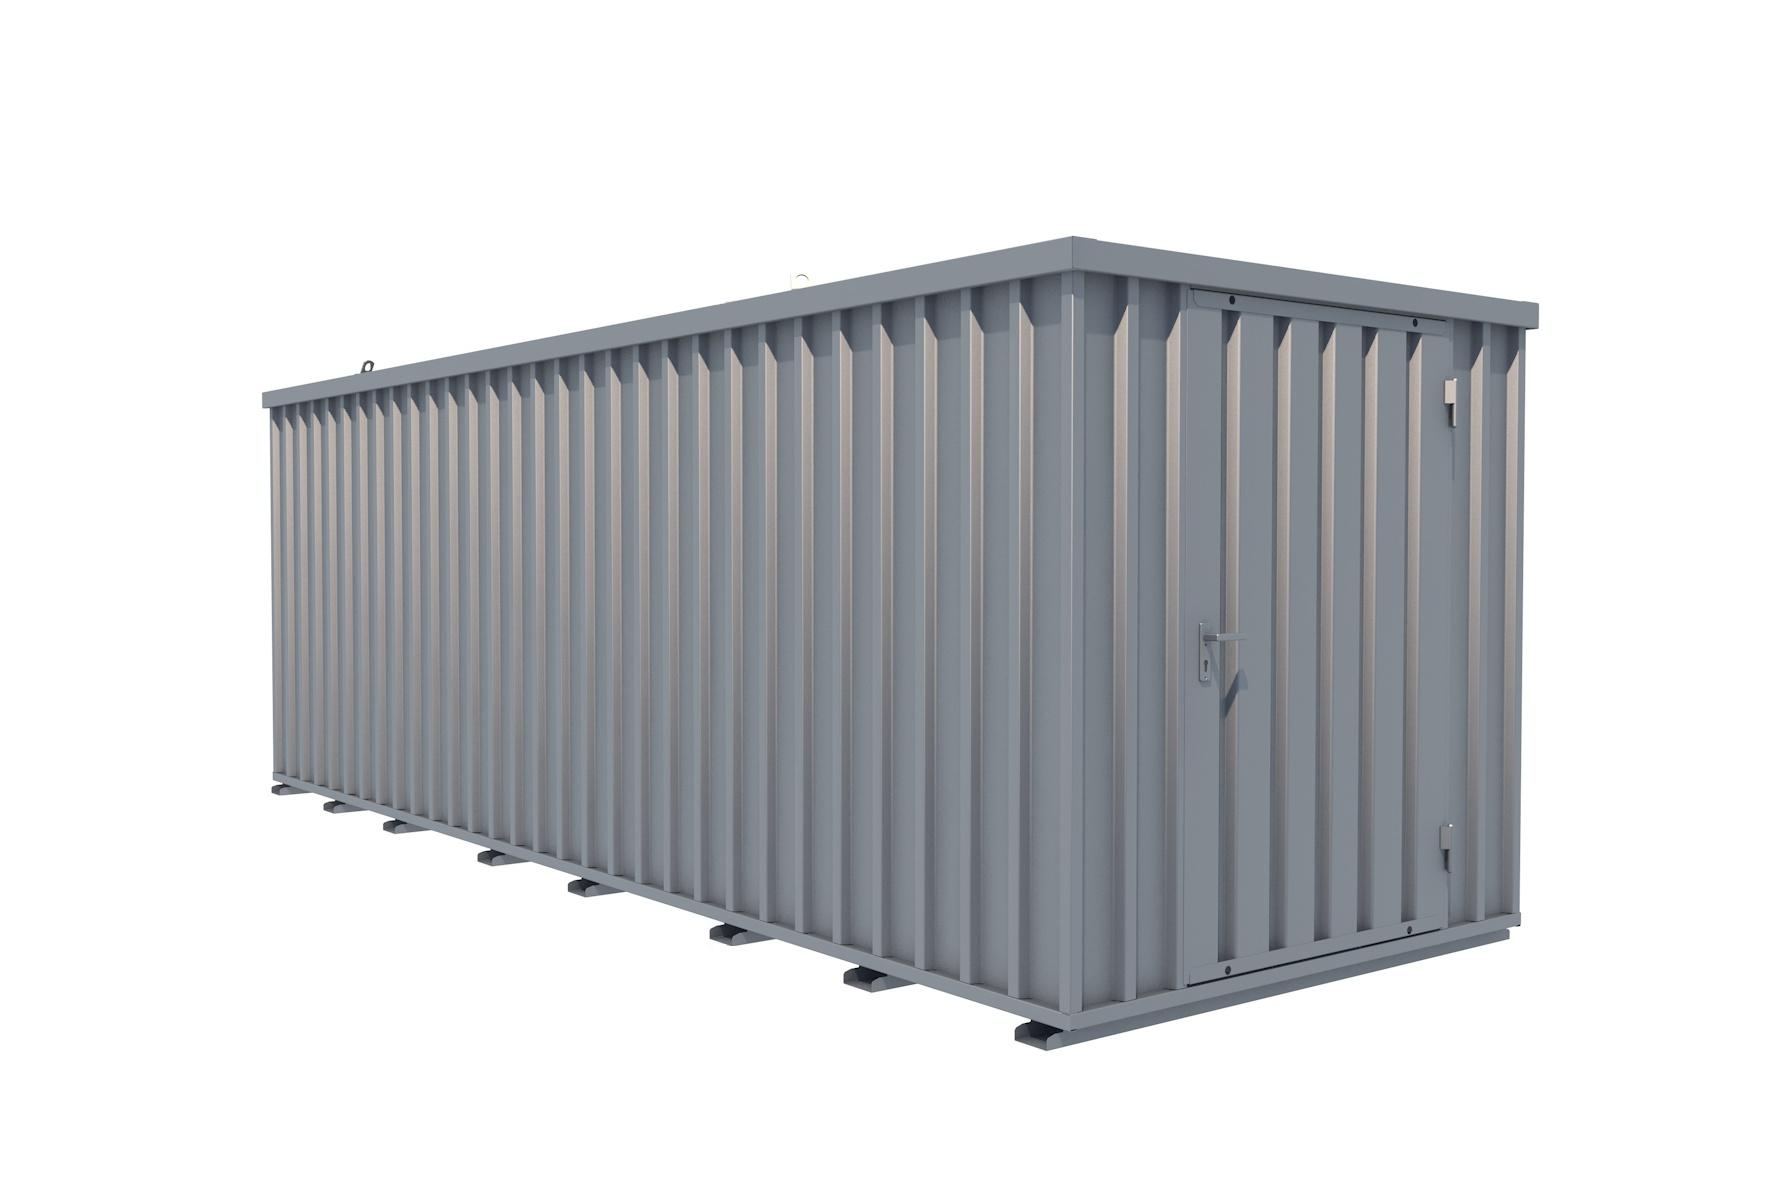 Reifencontainer / Reifenlagercontainer 20 Fuß mit Räderlager